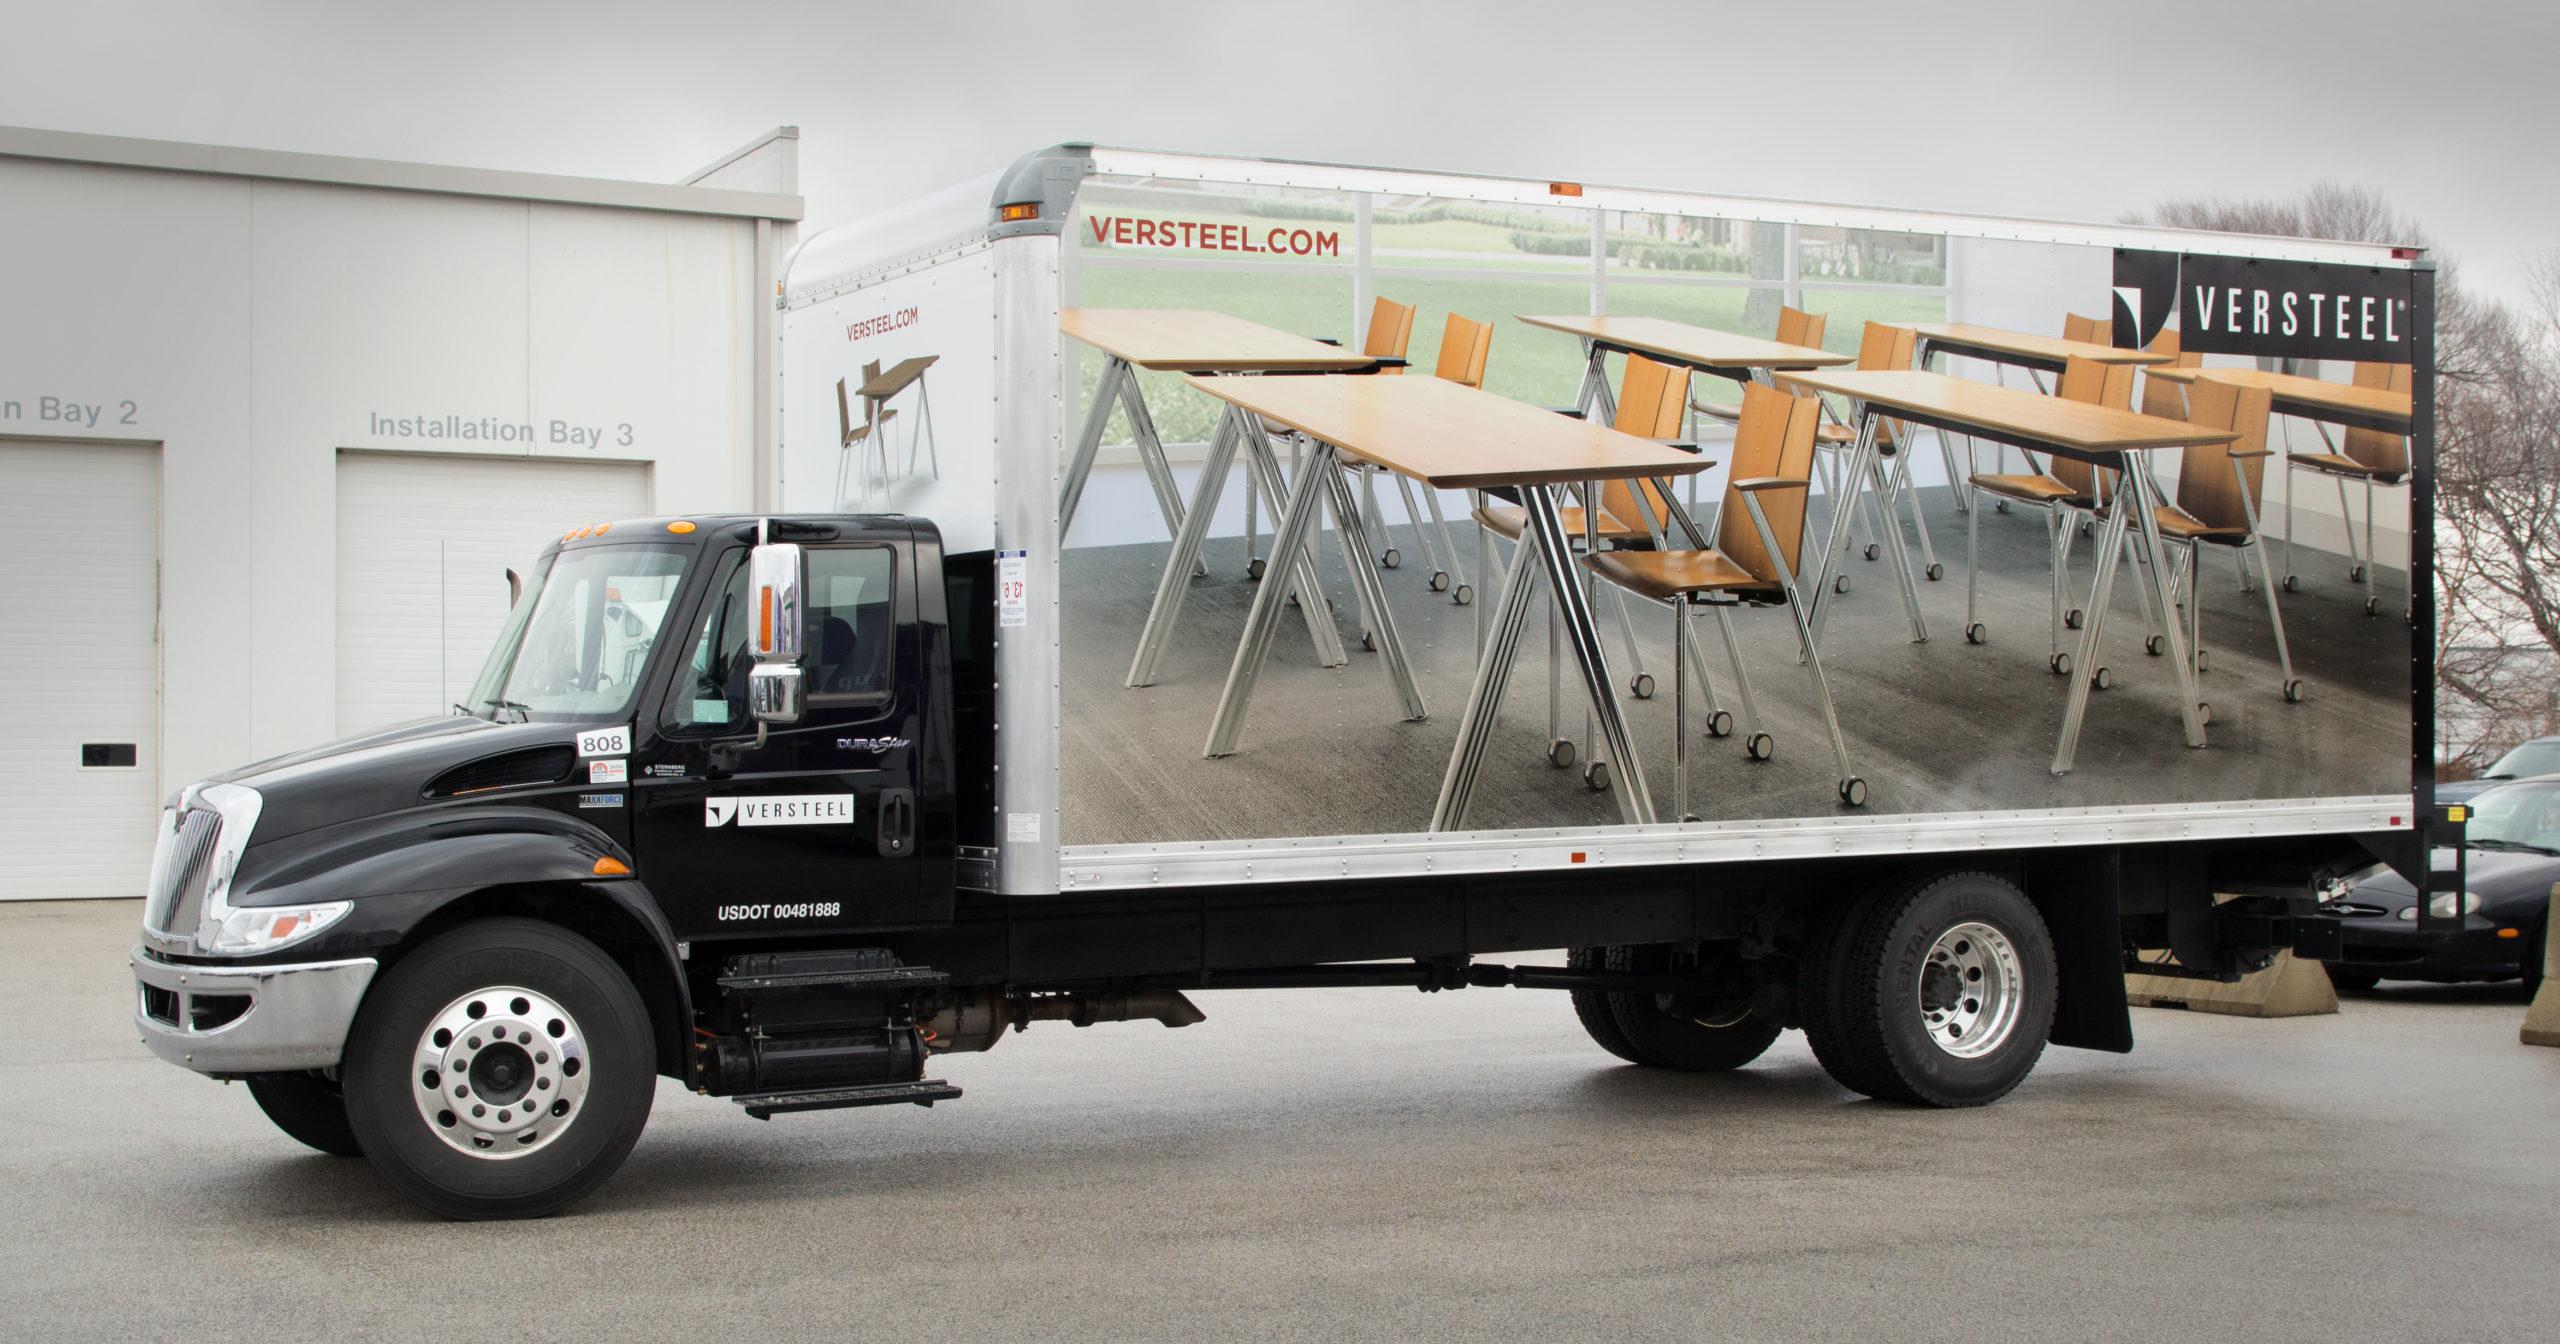 Versteel Box Truck Wrap